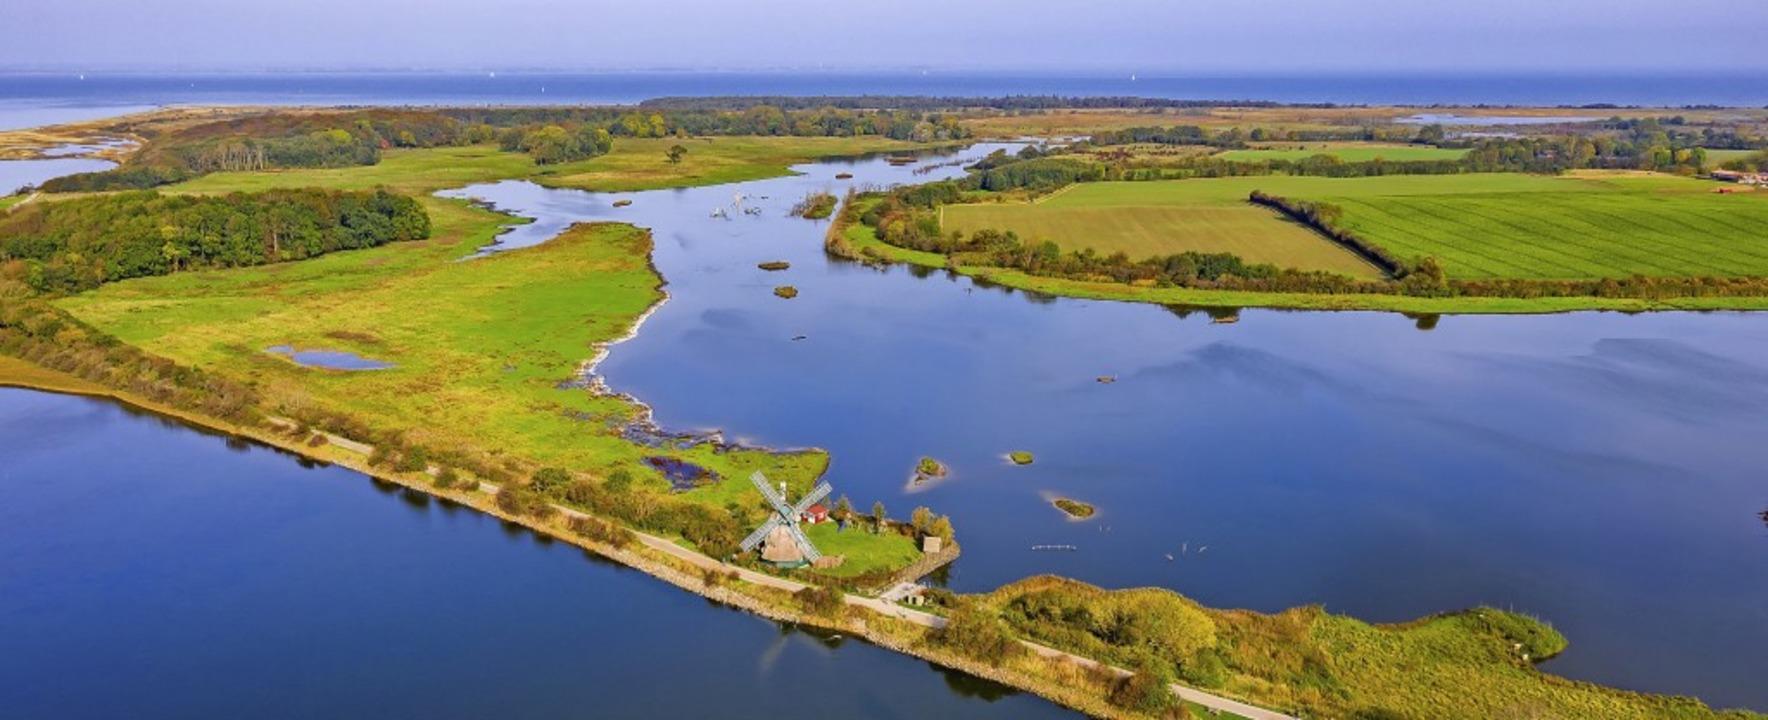 Ruhe und Idylle amWasser: Naturschutz...Birk an der Küste Schleswig-Holsteins     Foto: Yorbiter Luftaufnahmen (dpa)